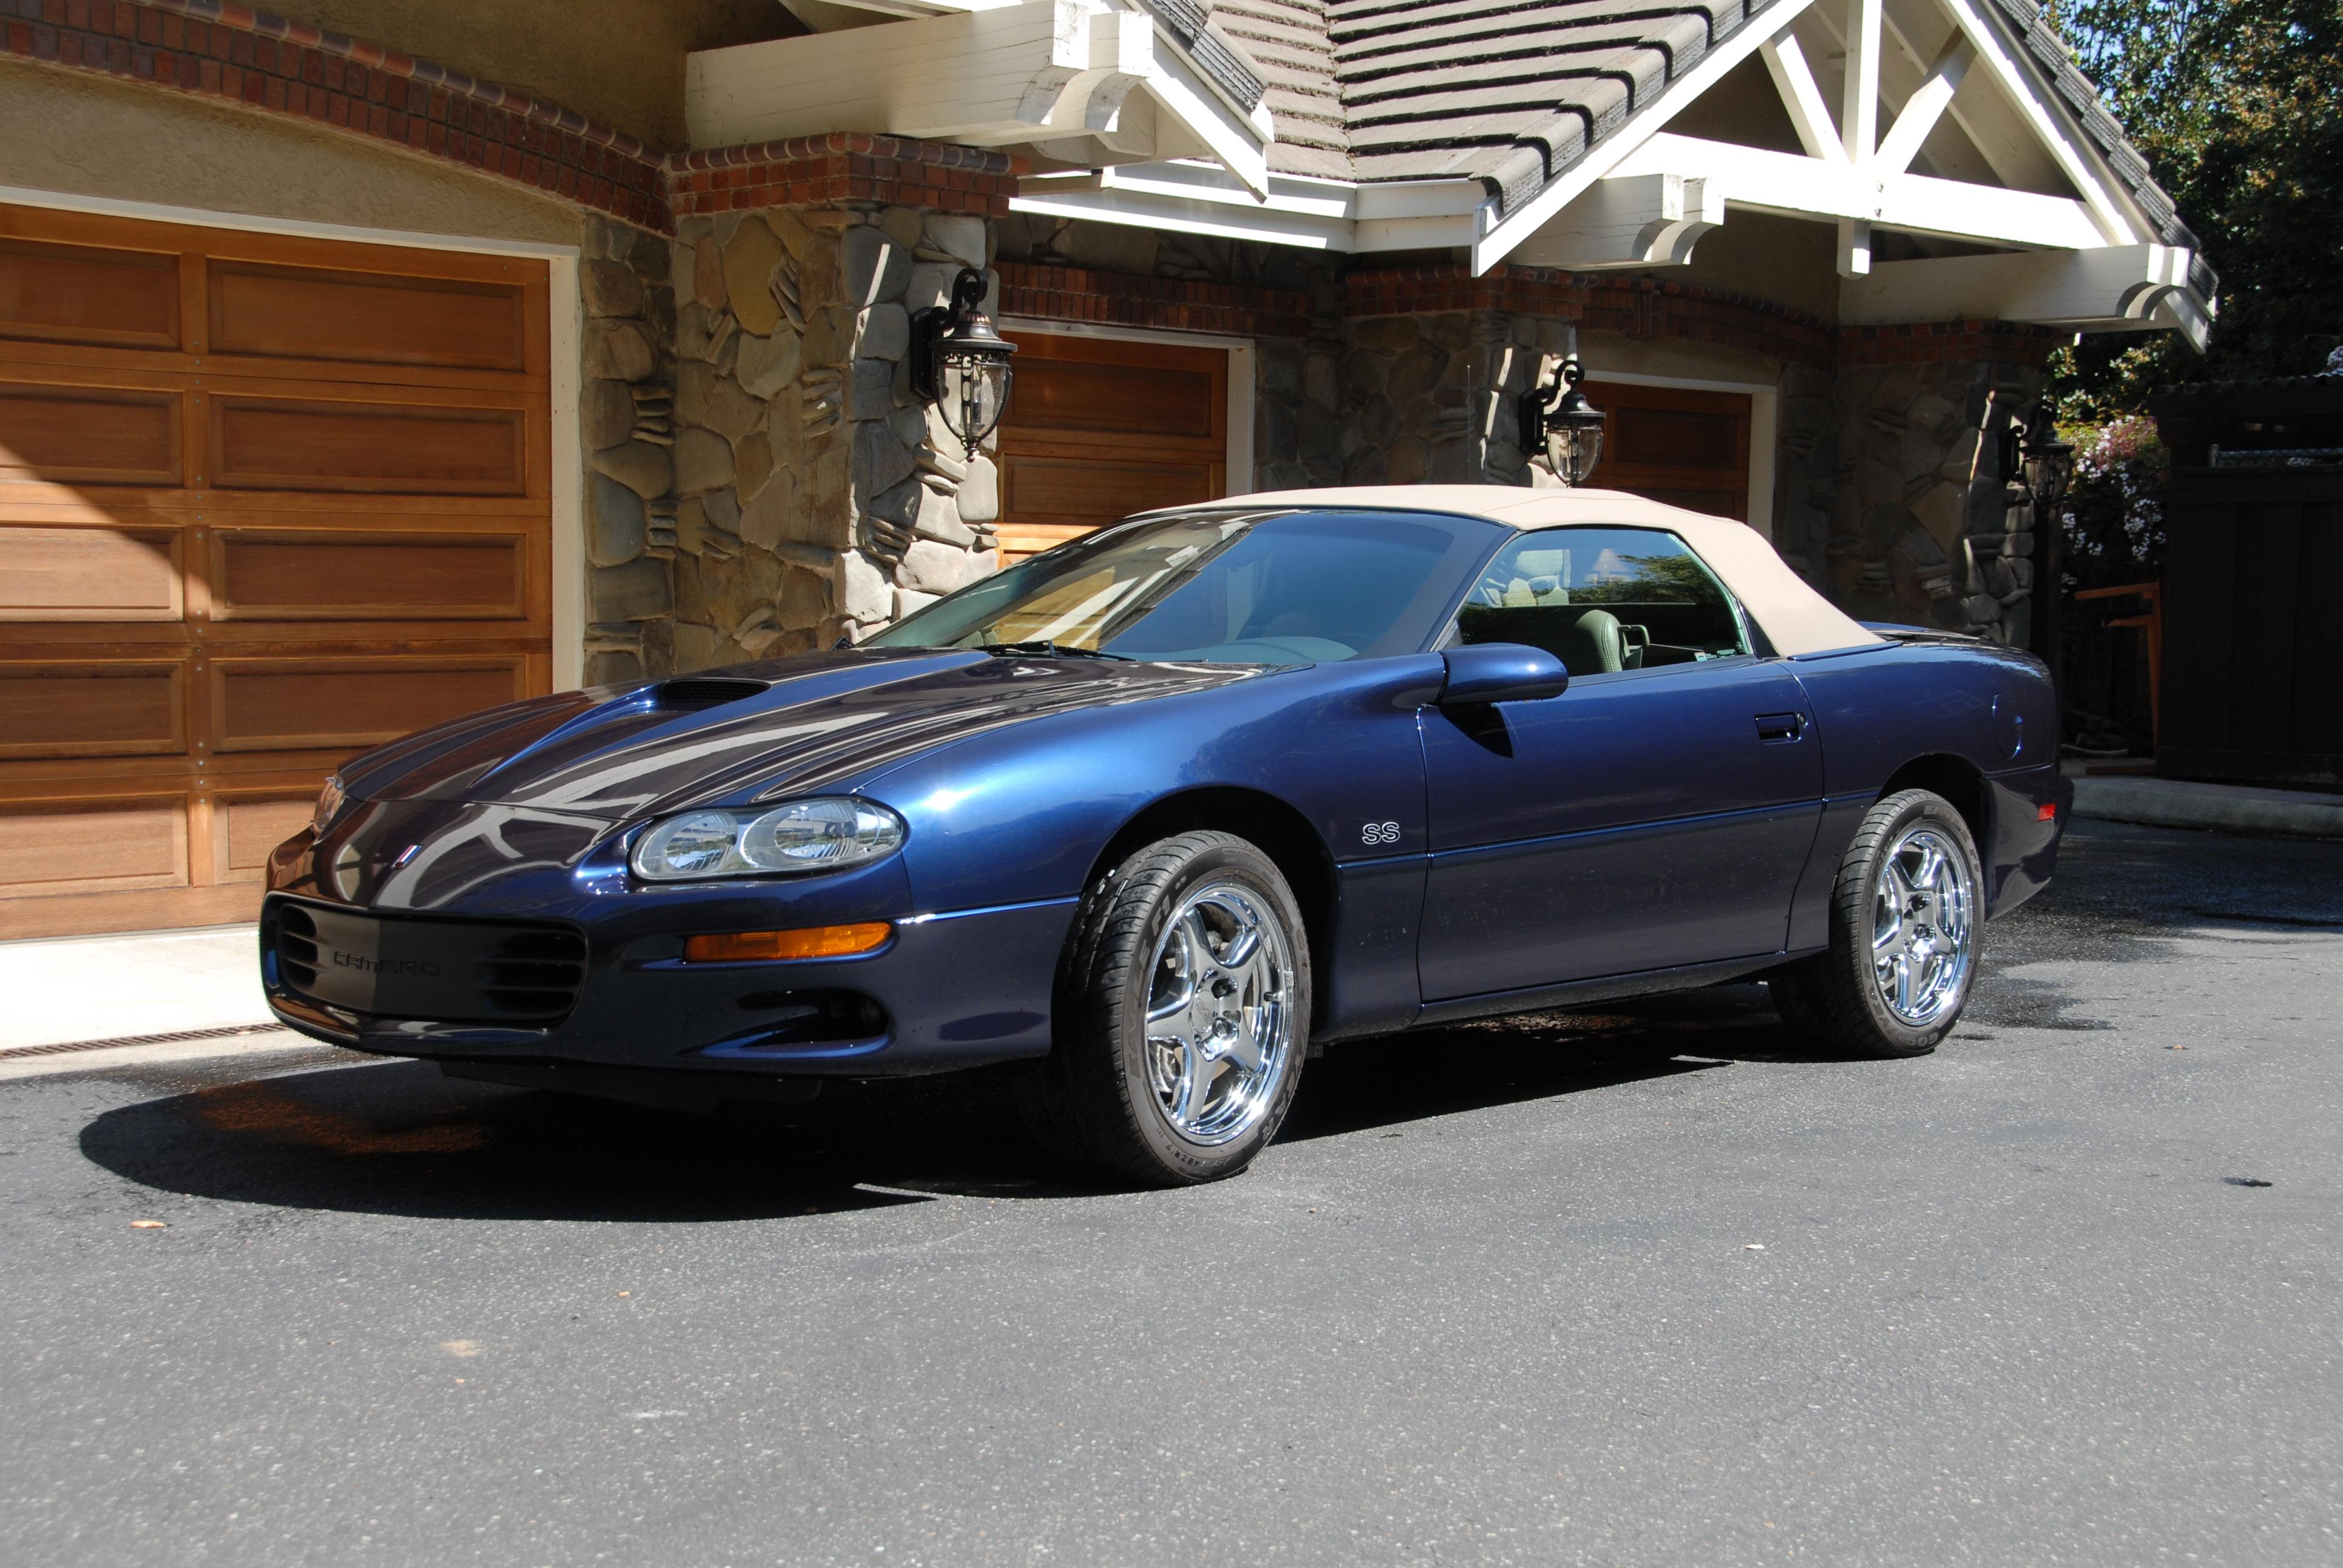 1999 Corvette For Sale >> 1999 Camaro SS Convertible | GM Sports